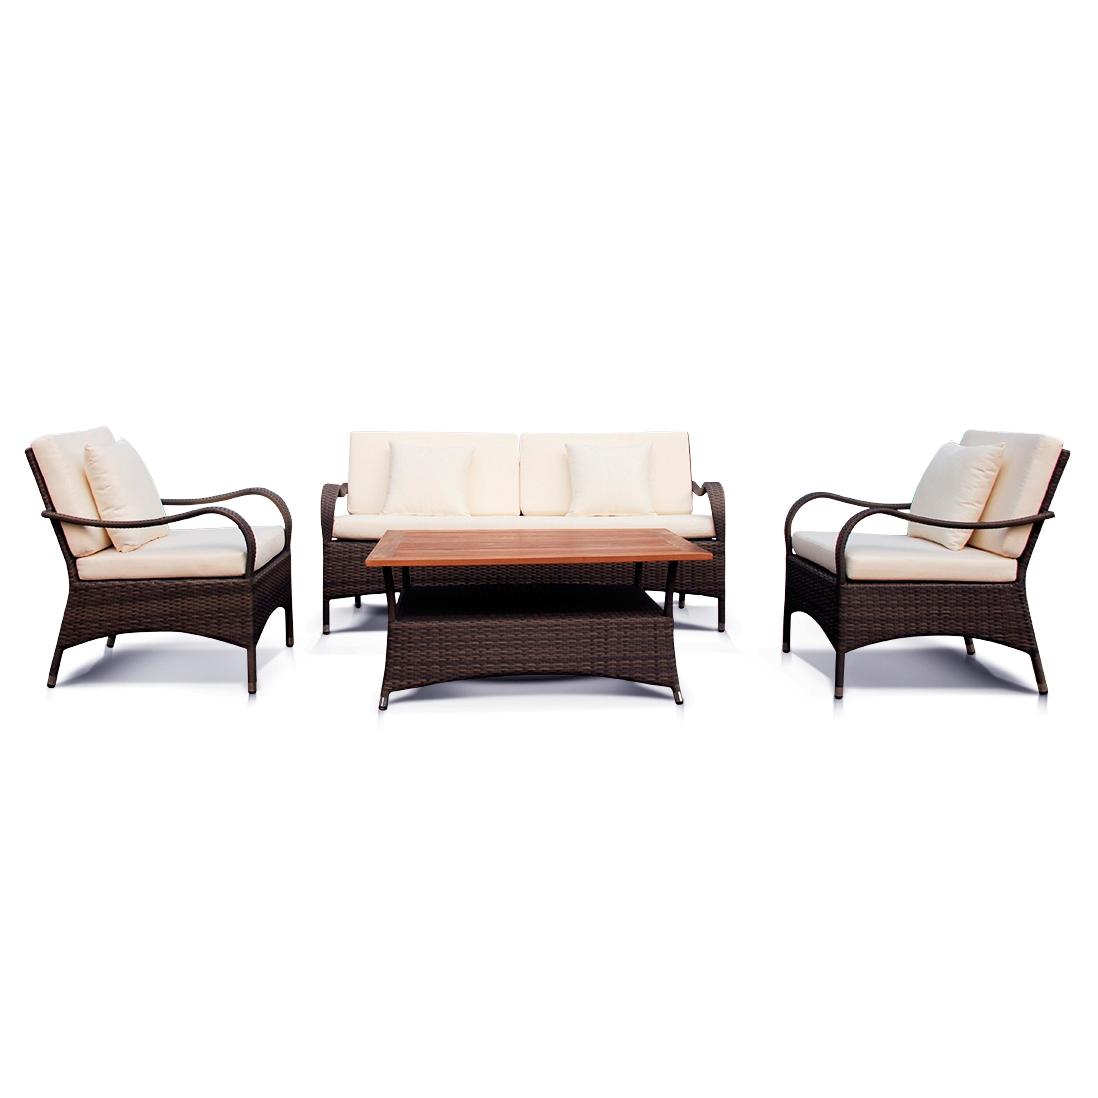 Лаундж зона Пьемонт | Уличная и садовая мебель